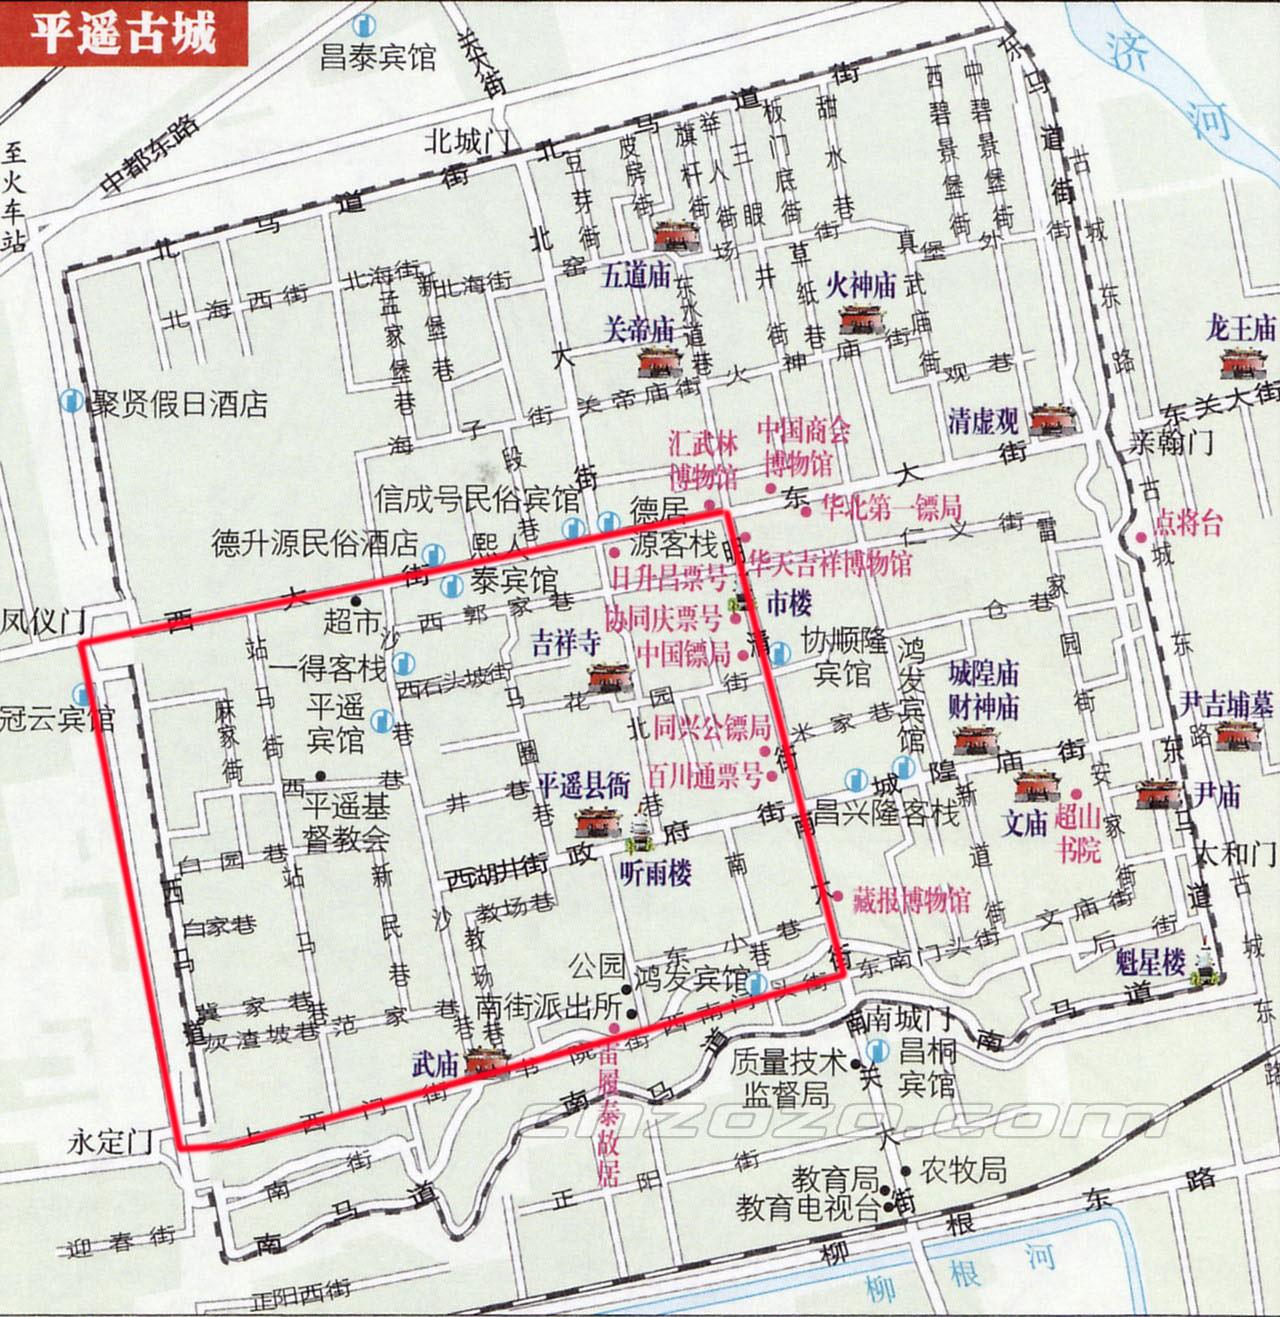 平遥古城旅游地图.jpg